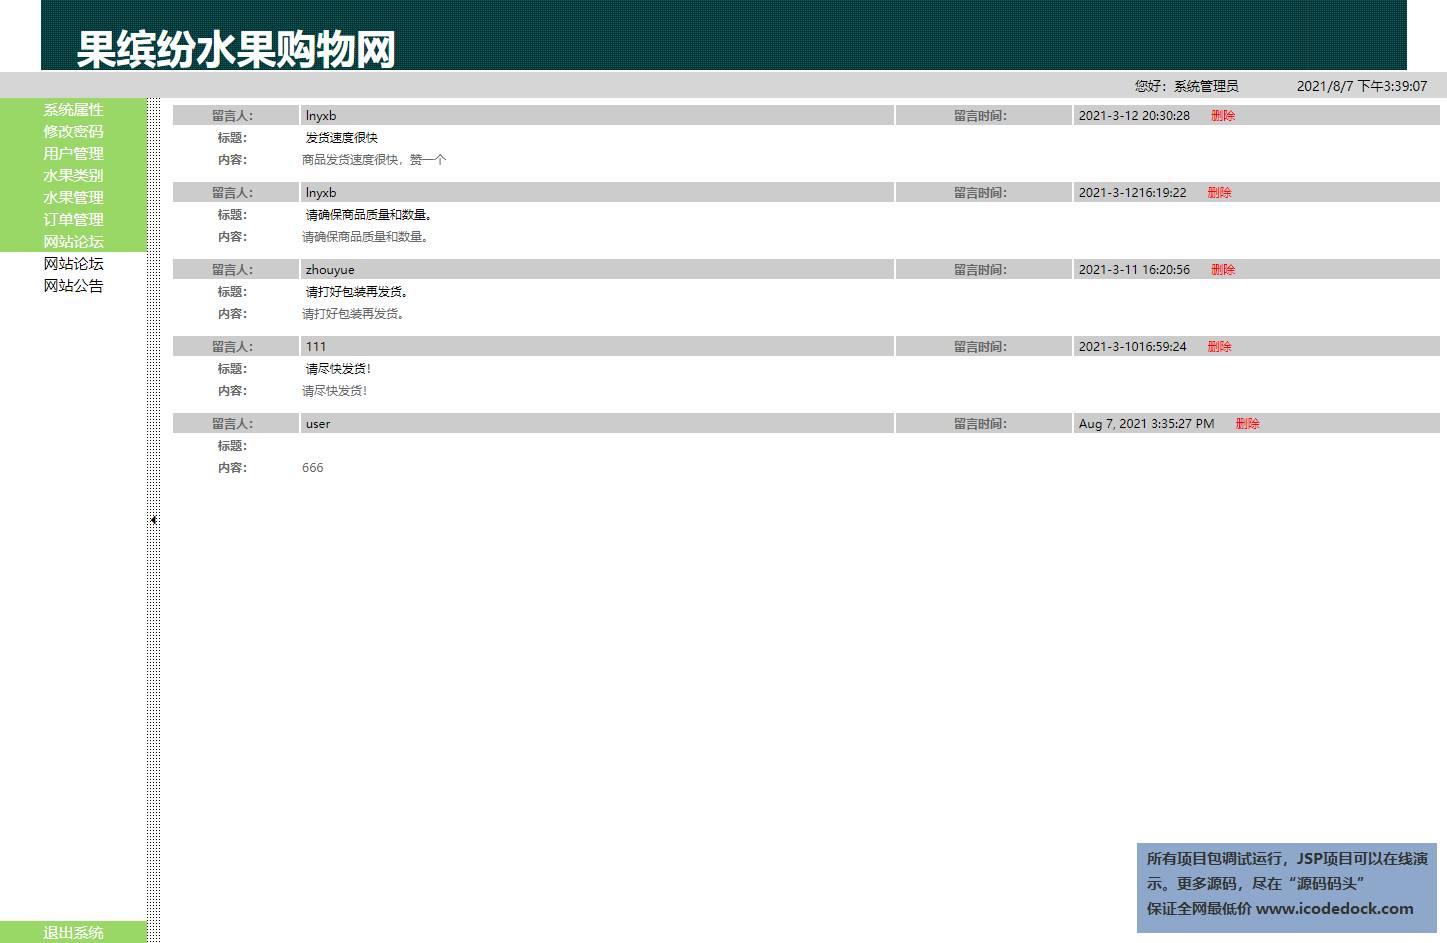 源码码头-SSH在线水果商城平台含管理系统-管理员角色-网站论坛管理